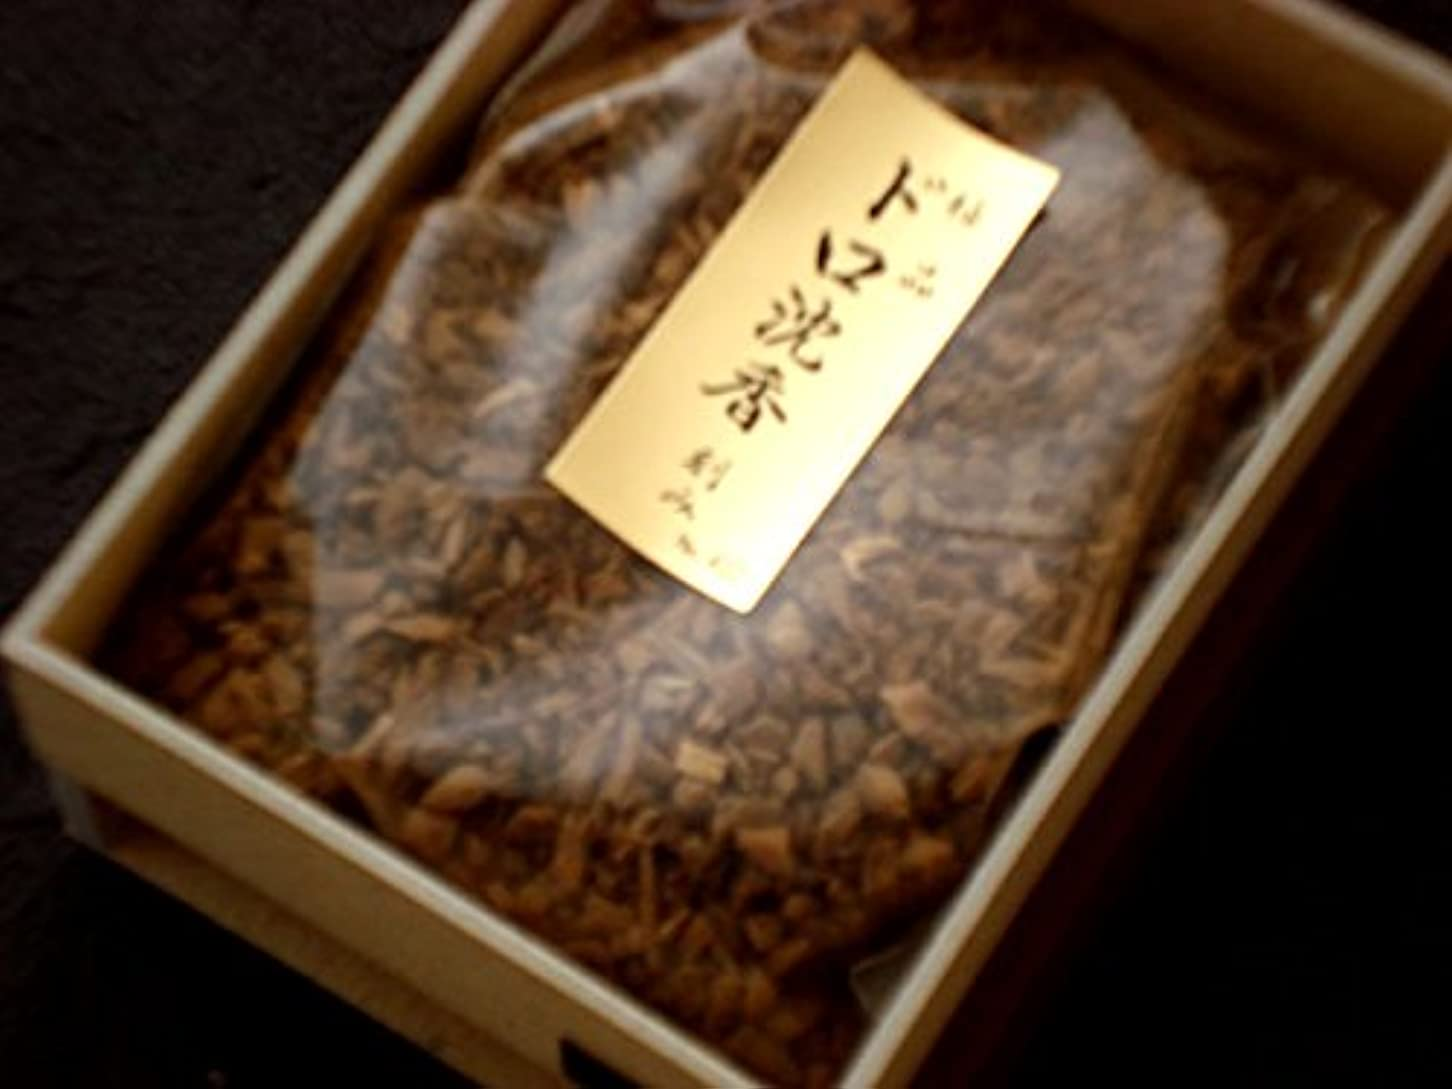 拾う個人的にジュラシックパーク香木刻み 極品ドロ沈香 15g 【香木】